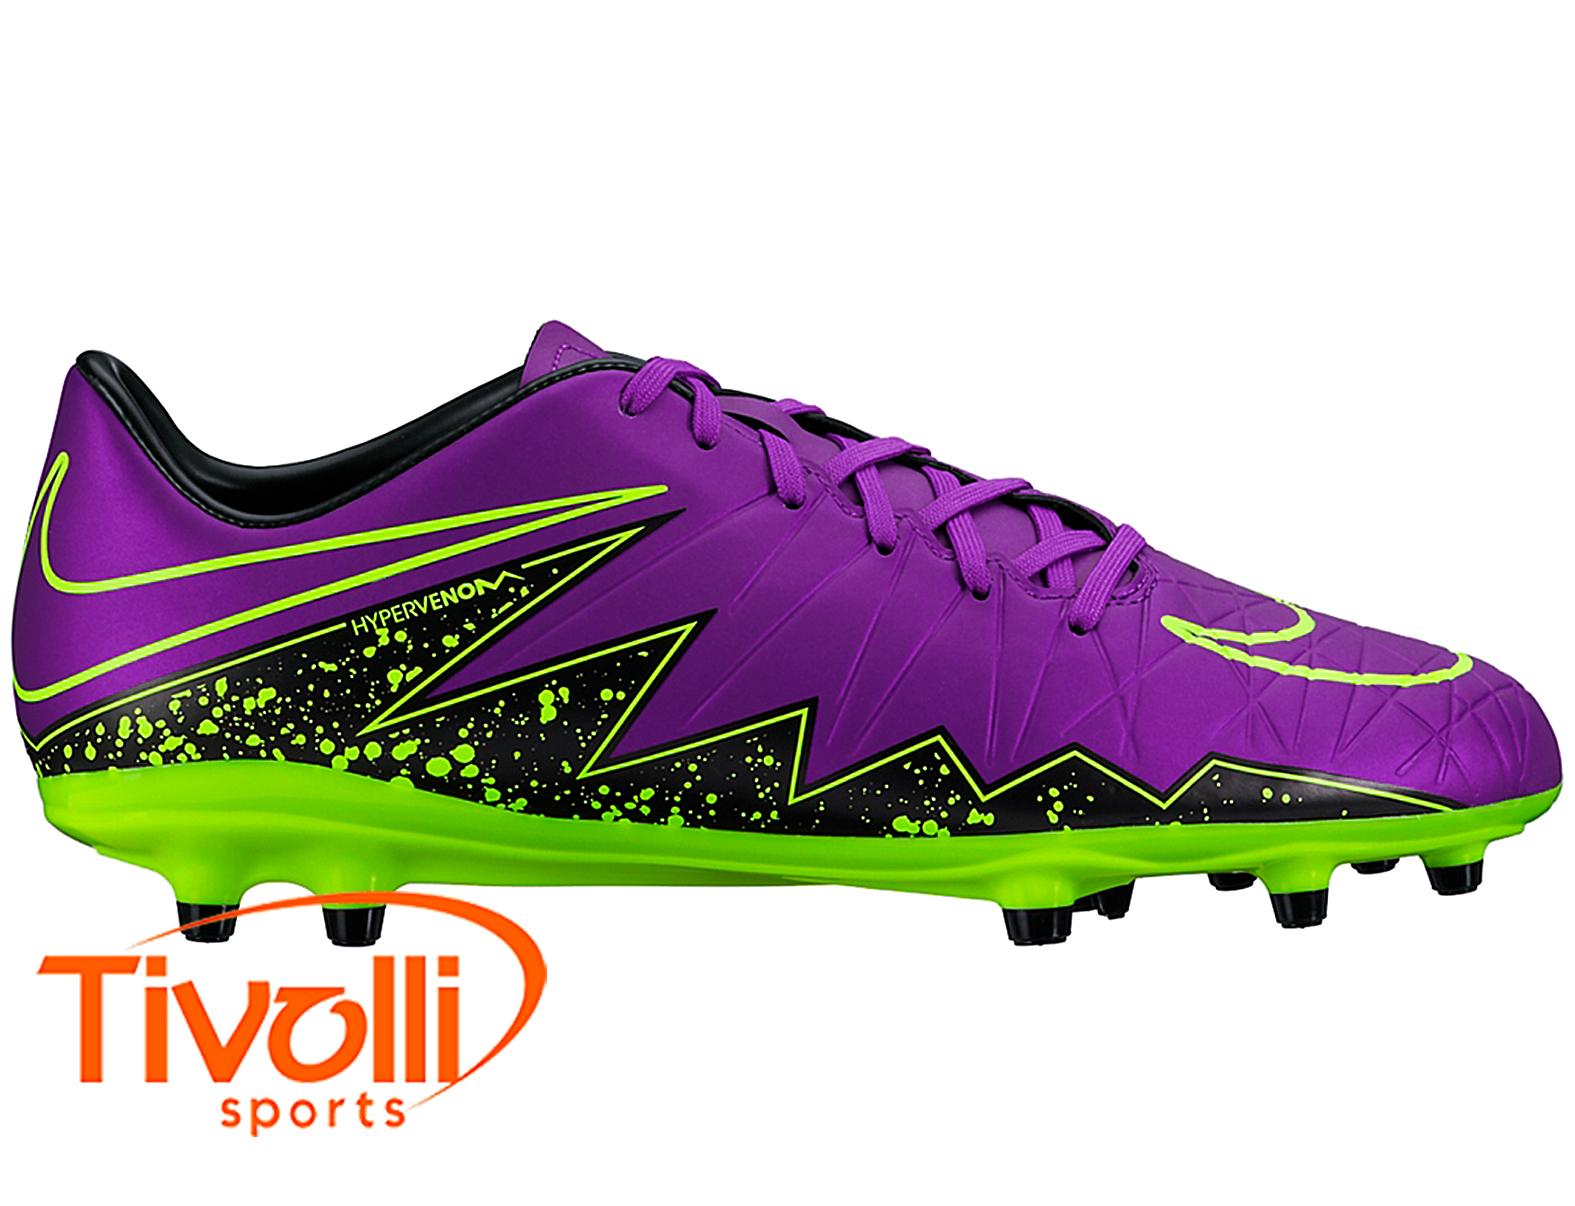 8da2f1ddb7 Chuteira Nike Hypervenom Phelon II FG Campo   - Mega Saldão